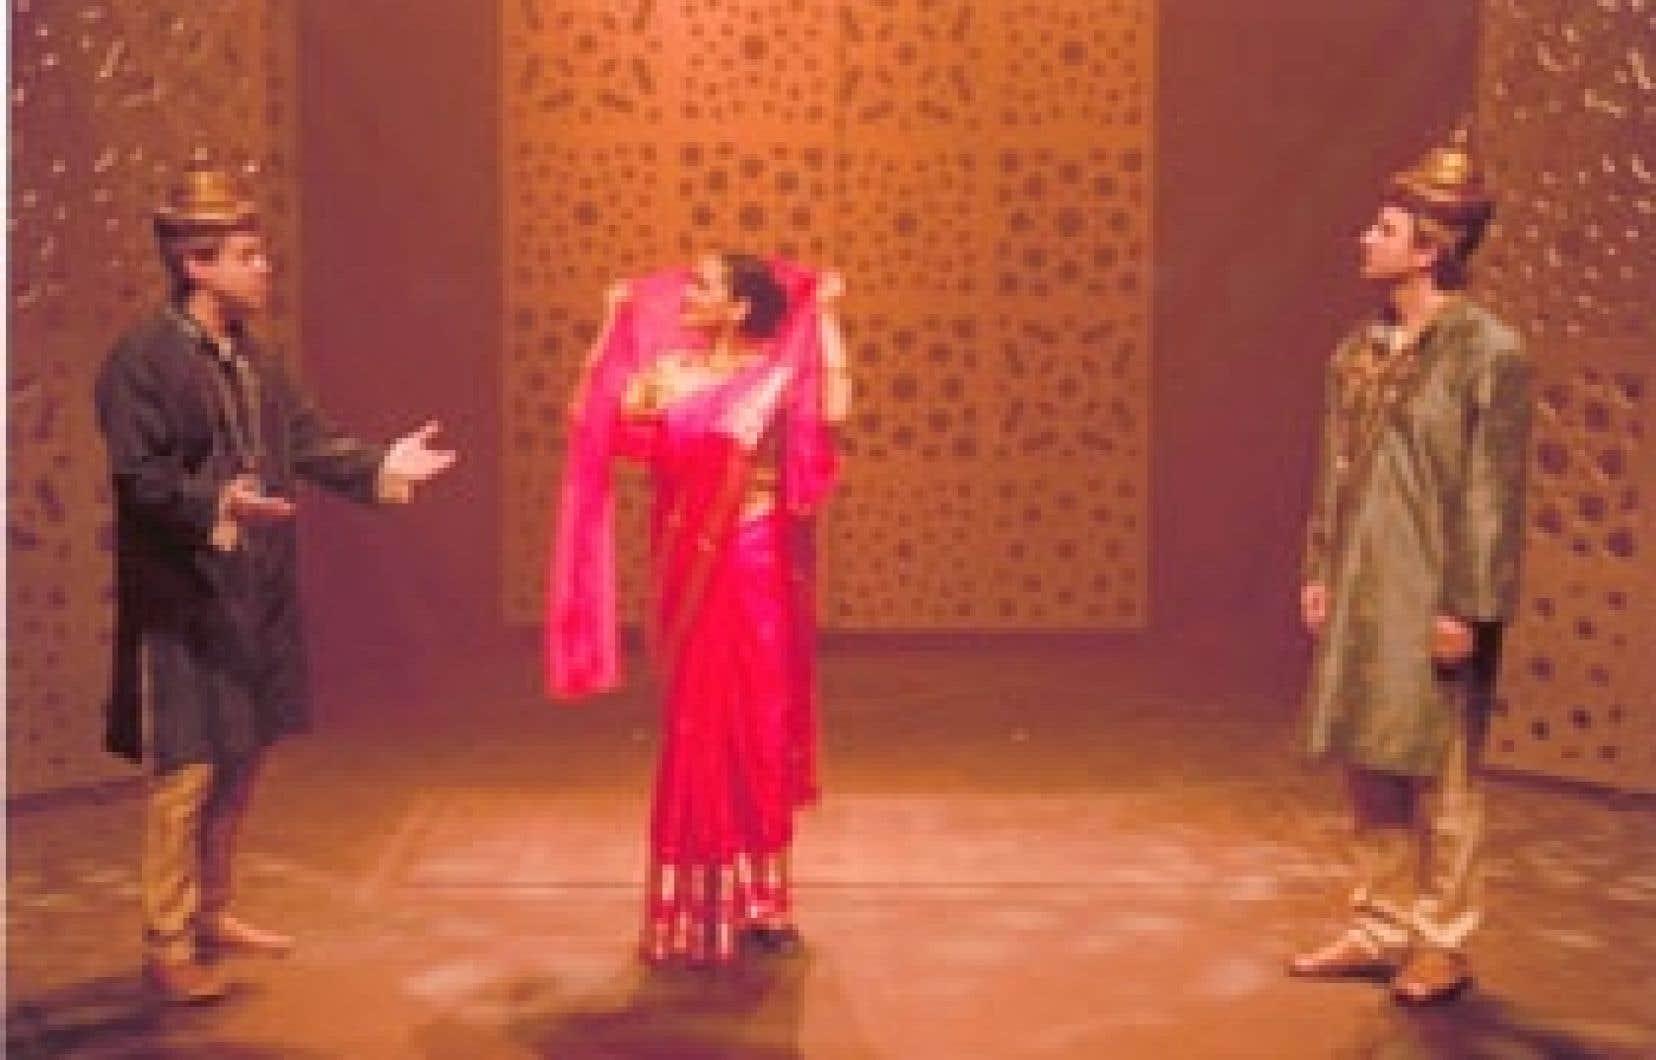 Alexis Martin, Amrita Choudhury et Daniel Brière dans une scène de la pièce La Marche de Râma.